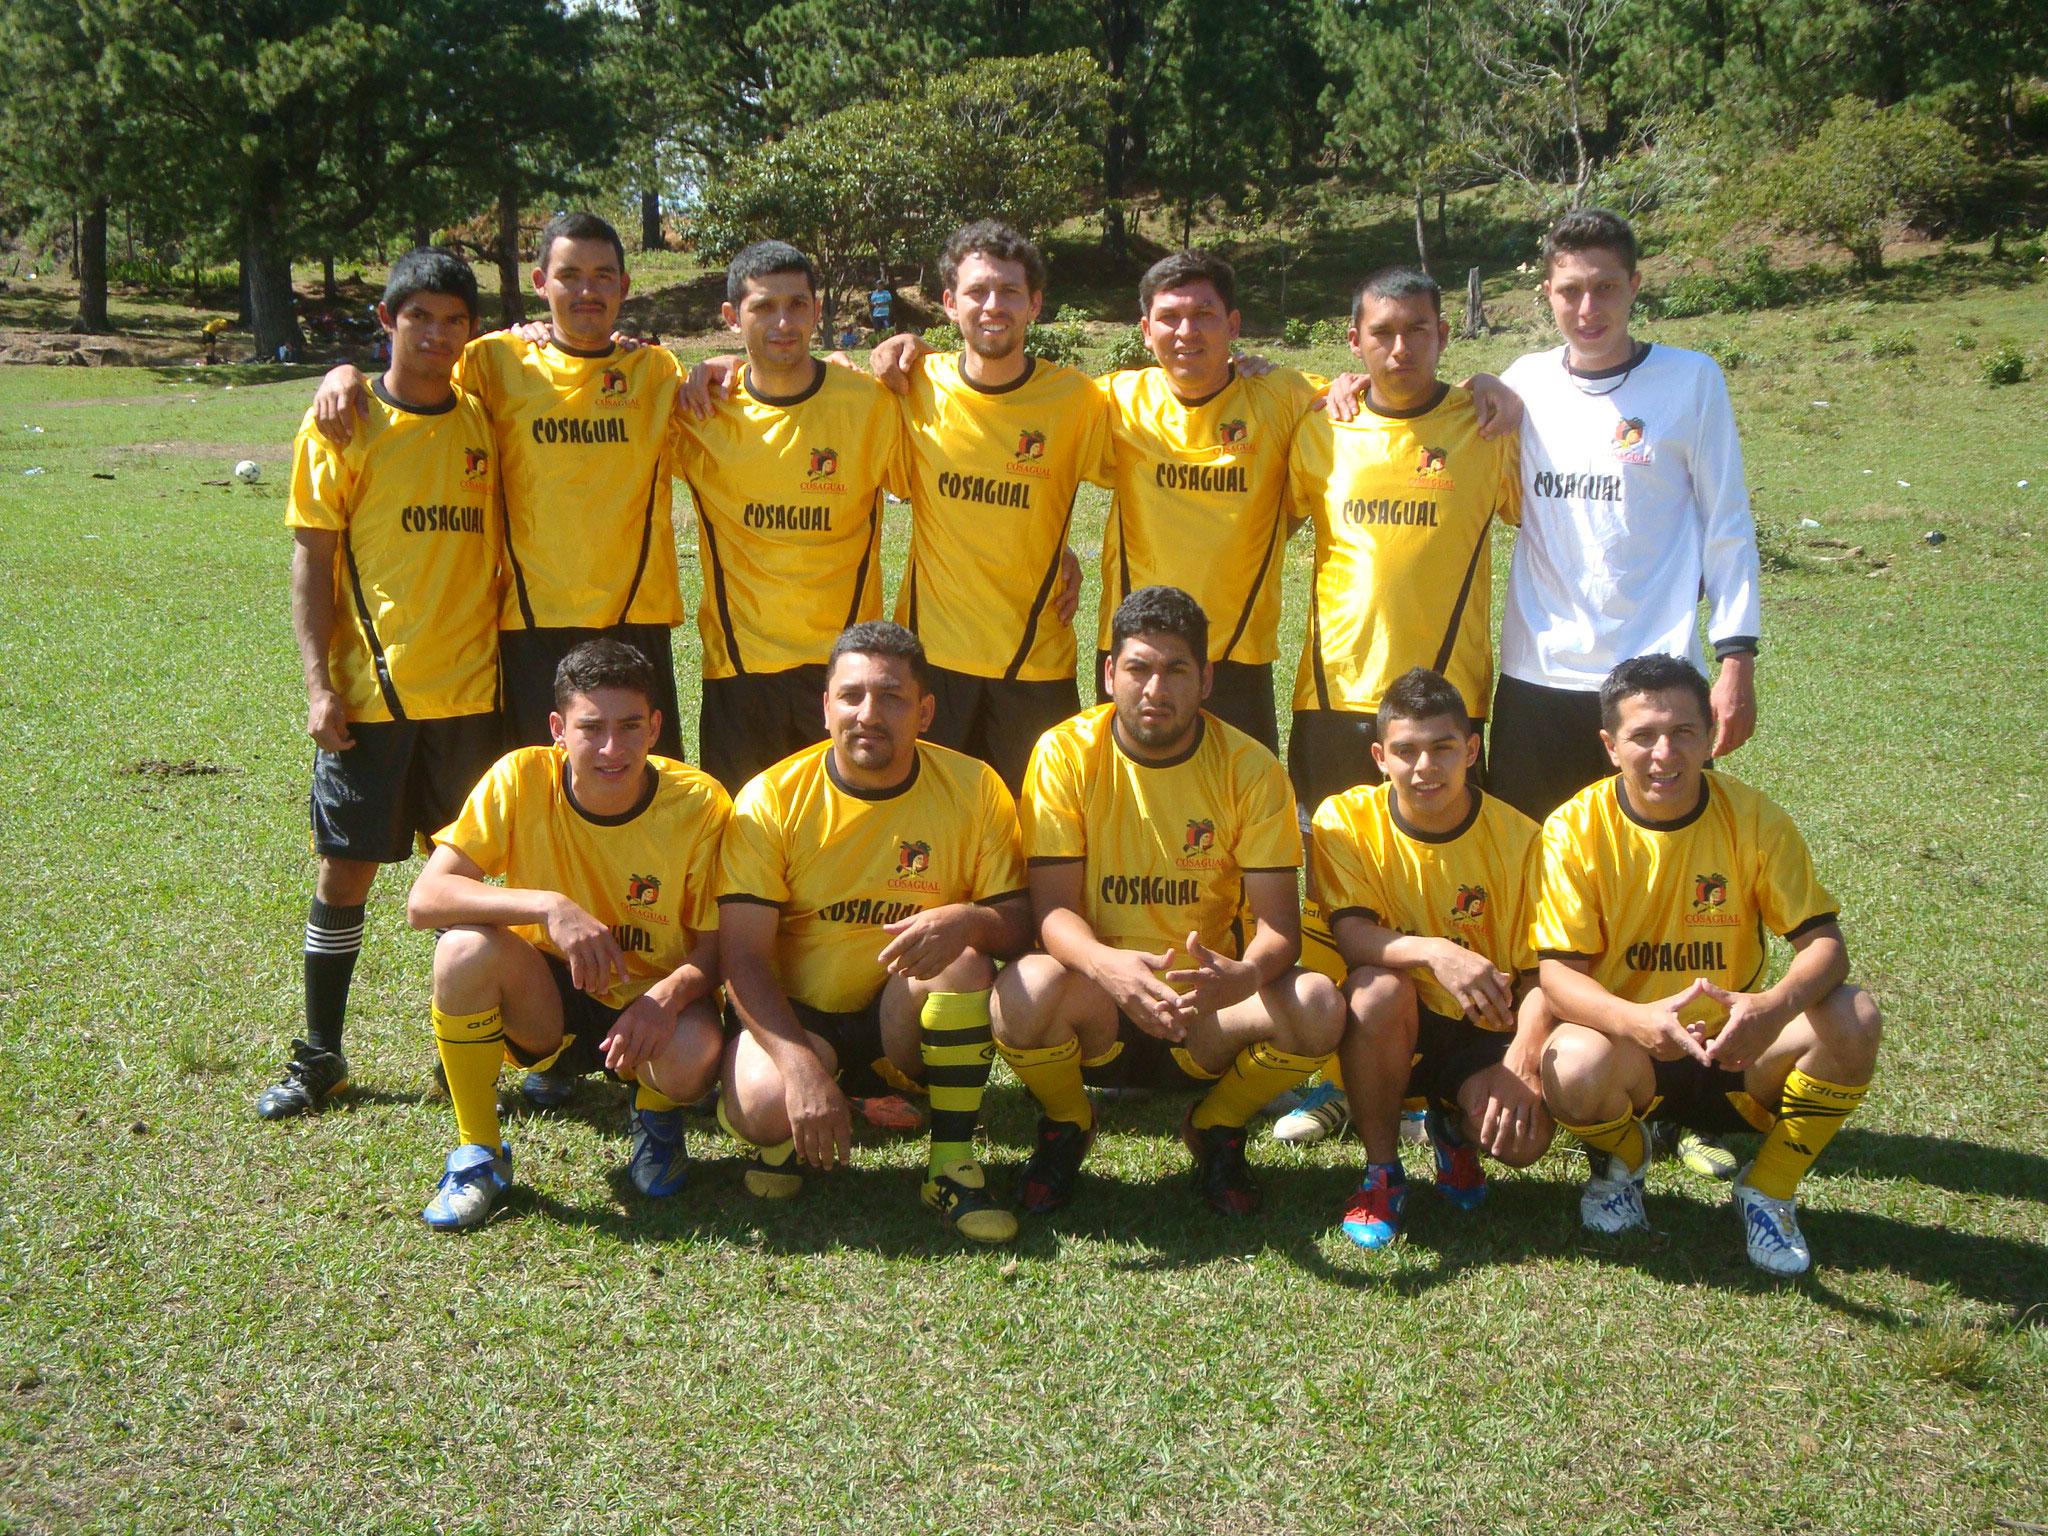 Equipo-Futbol-COSAGUAL